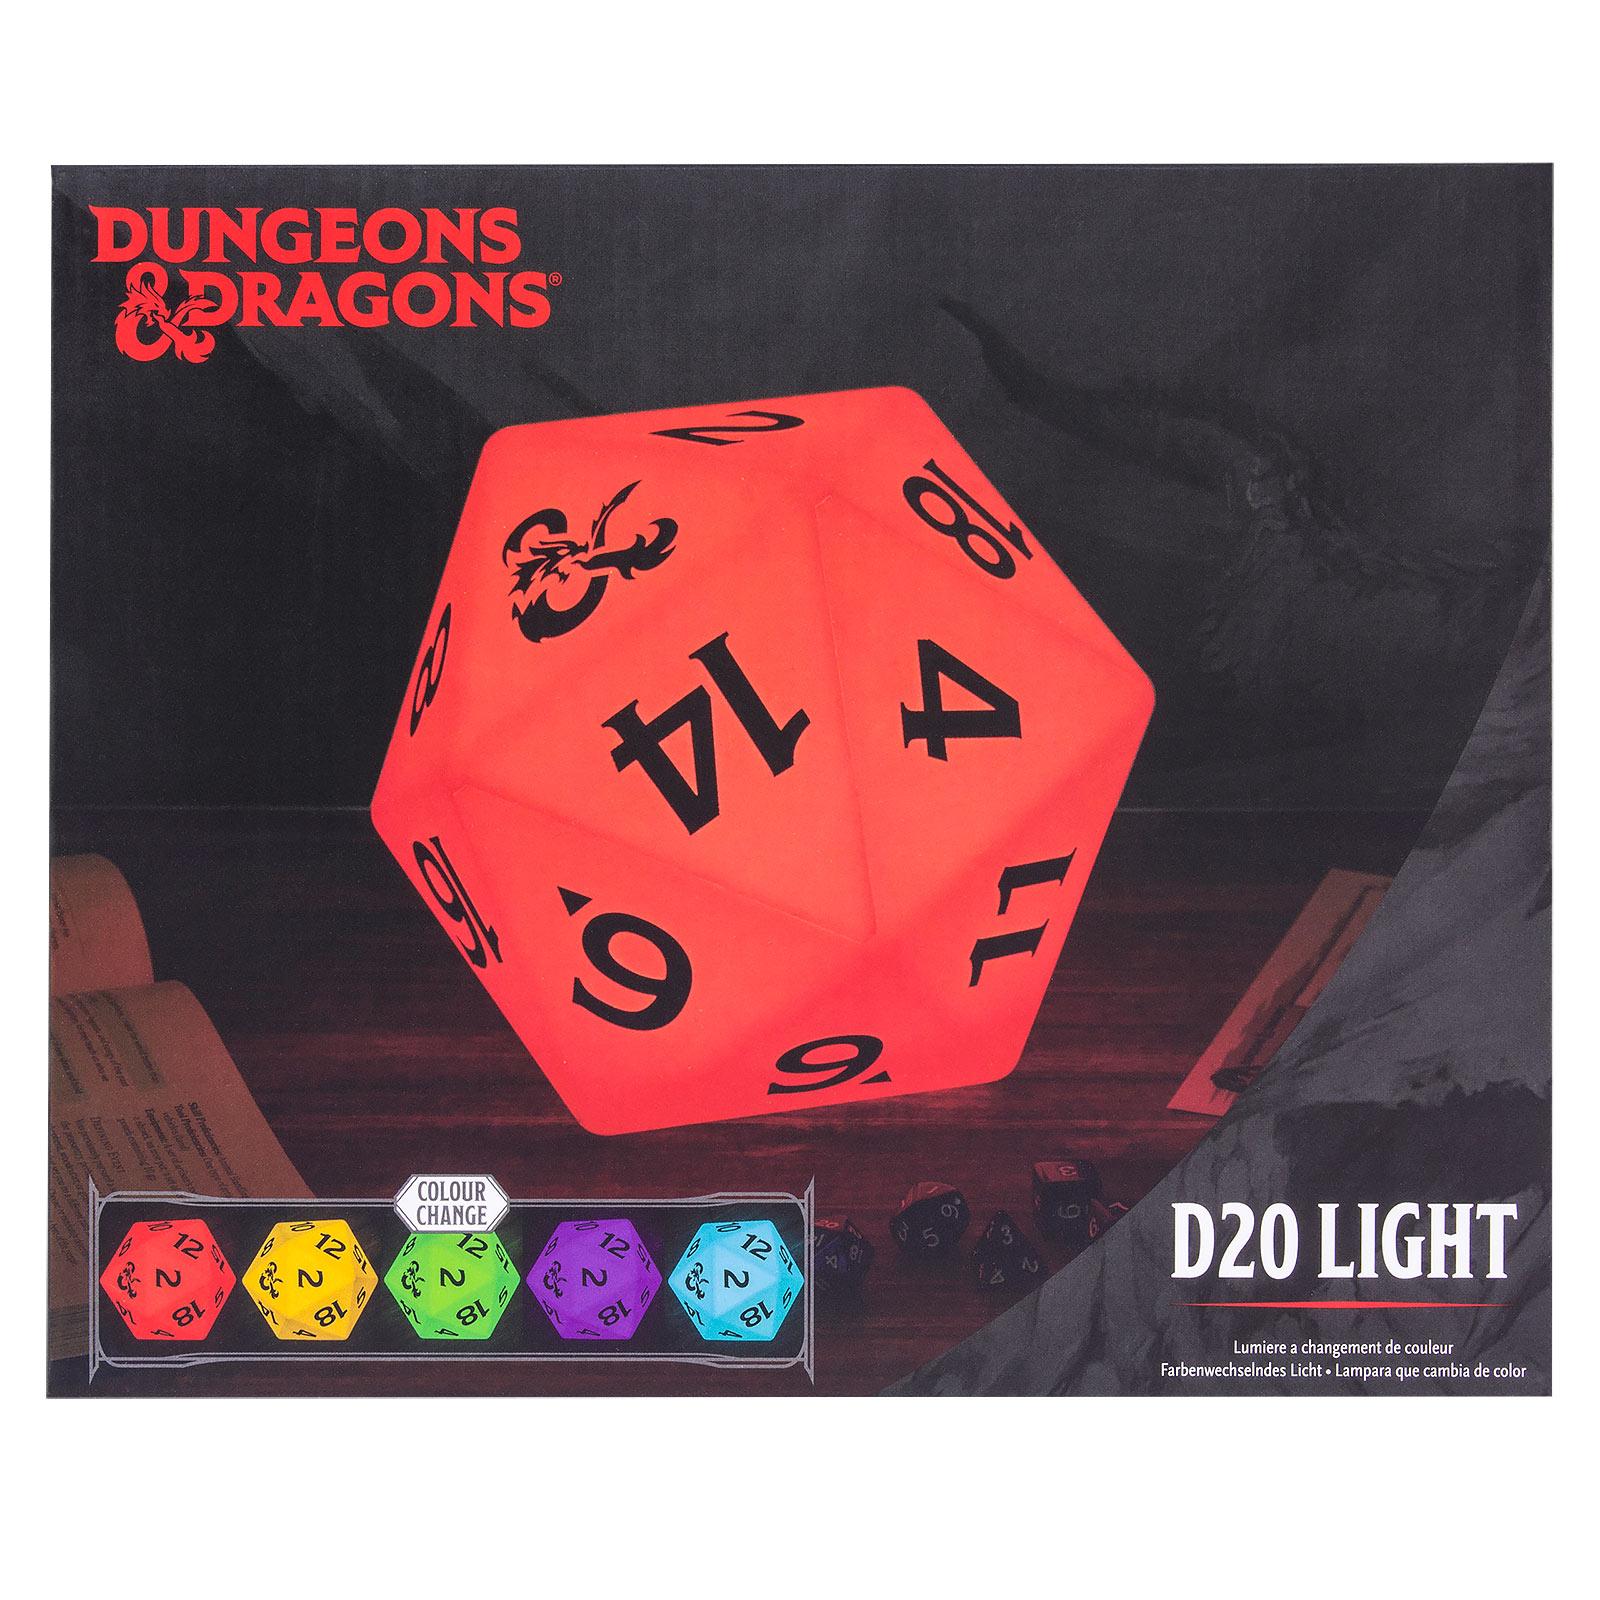 Dungeons & Dragons - D20 Würfel Tischlampe